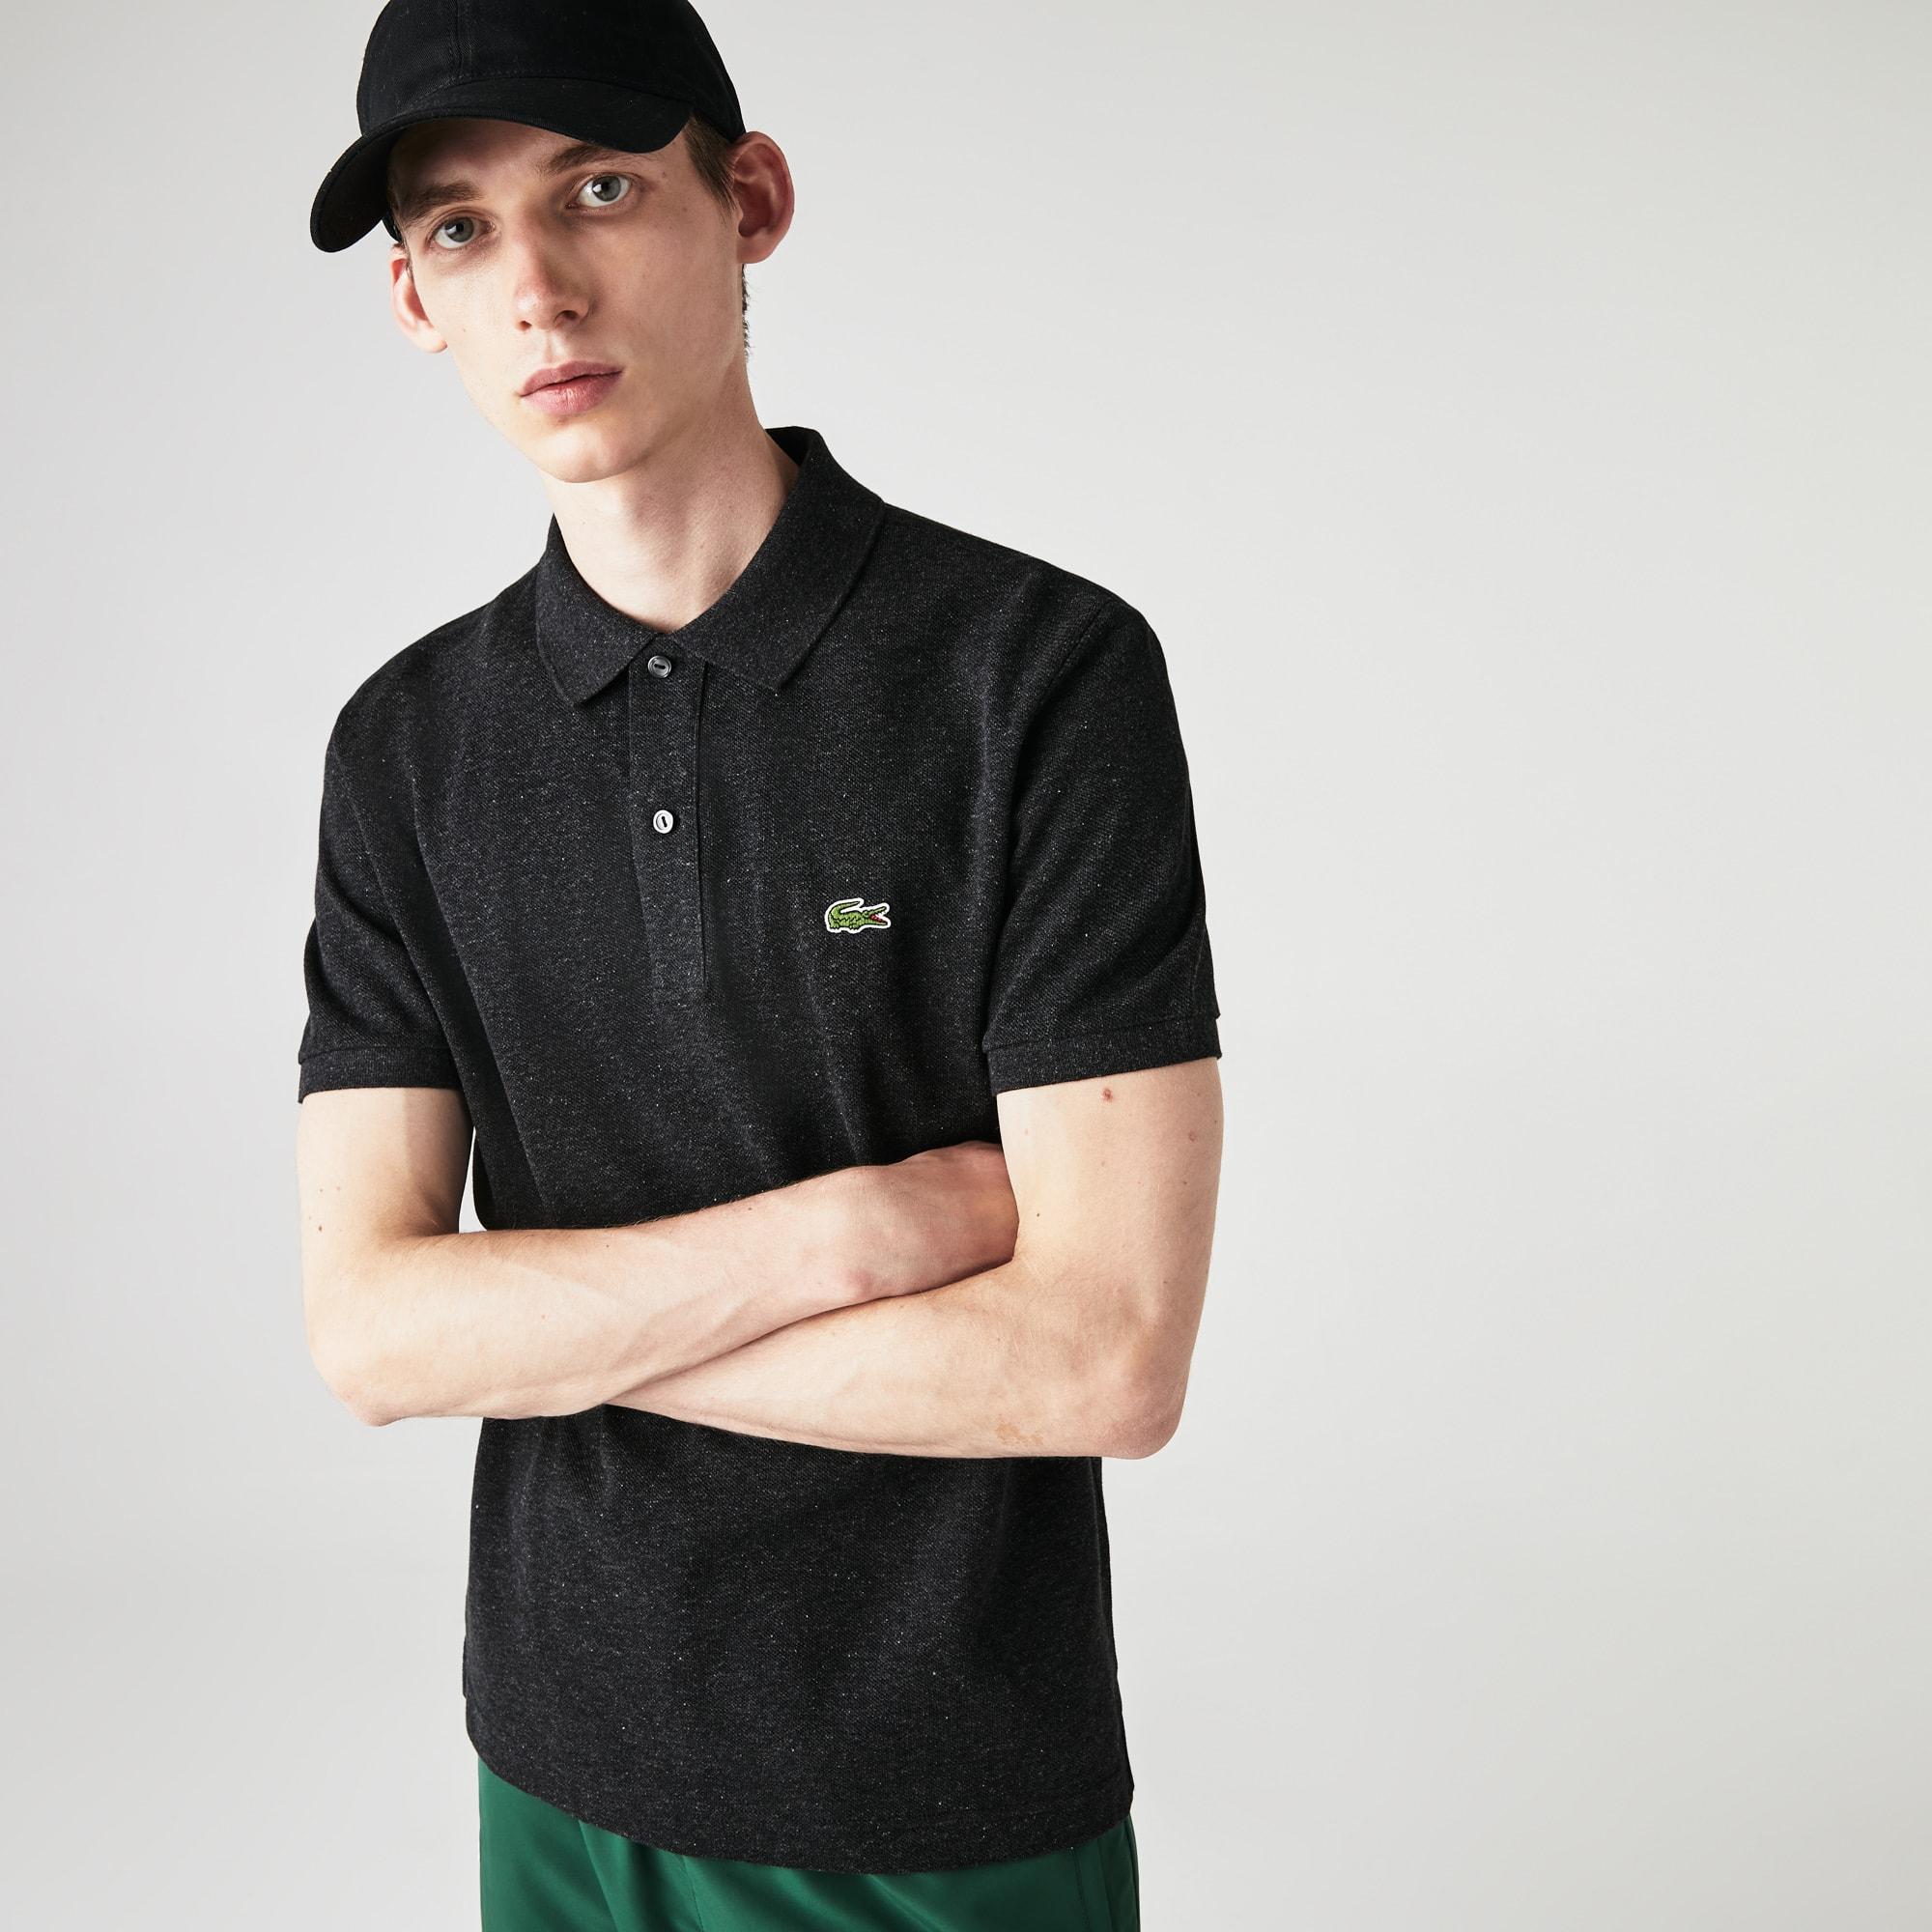 2d6213c3 Men's Slim fit Lacoste Polo Shirt in petit piqué